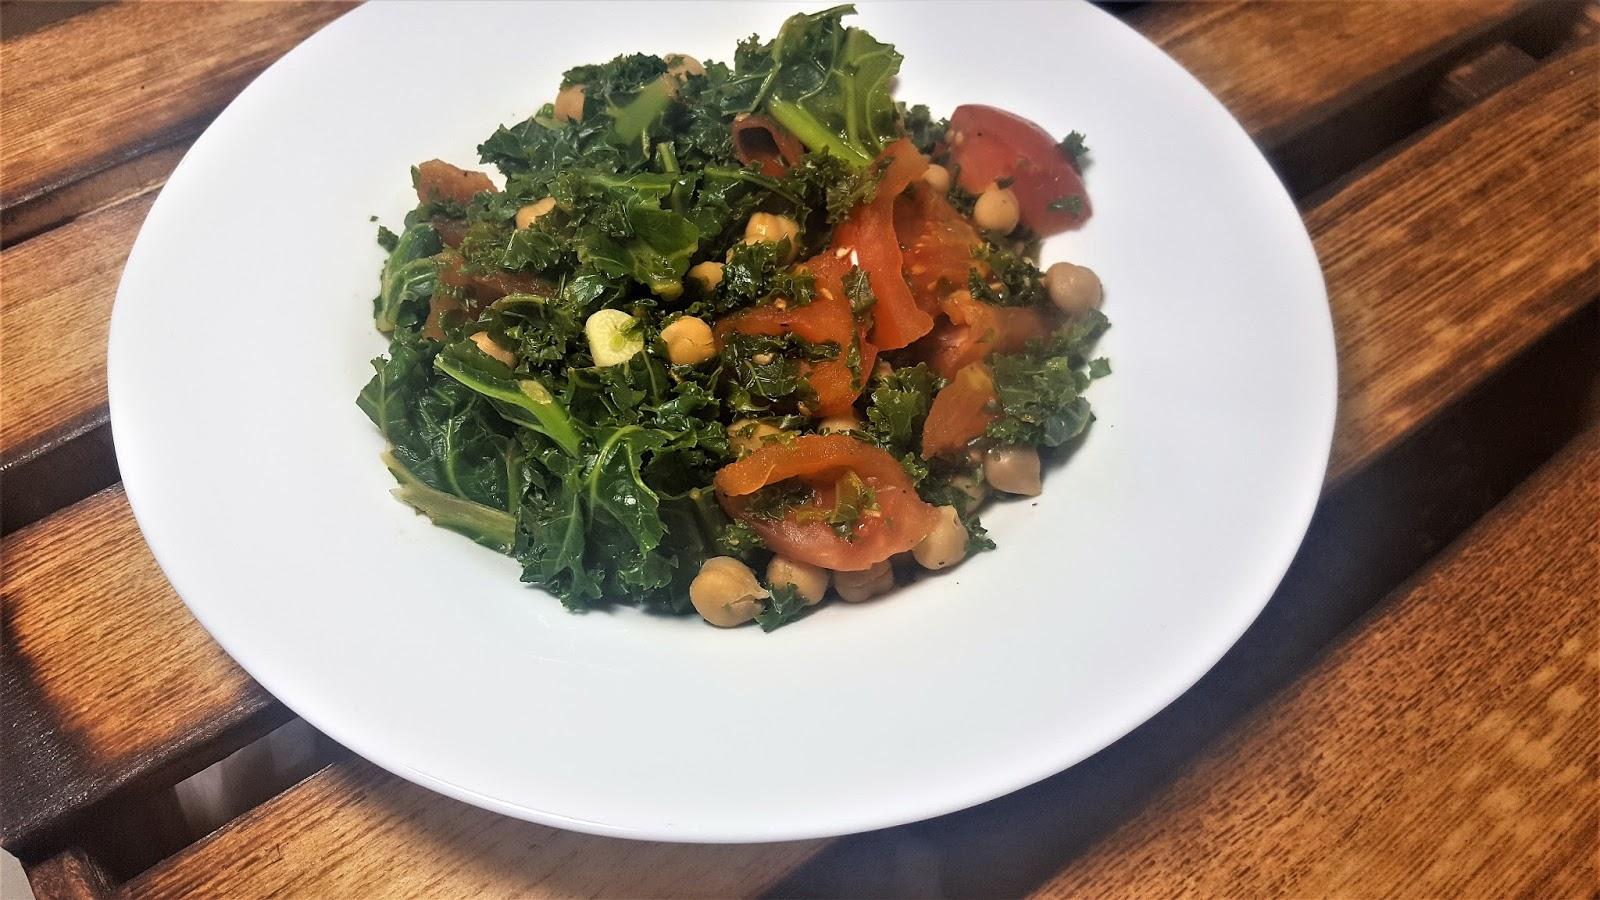 Szybkie i dietetyczne obiady - zielenina z ciecierzycą, pomidorami i awokado